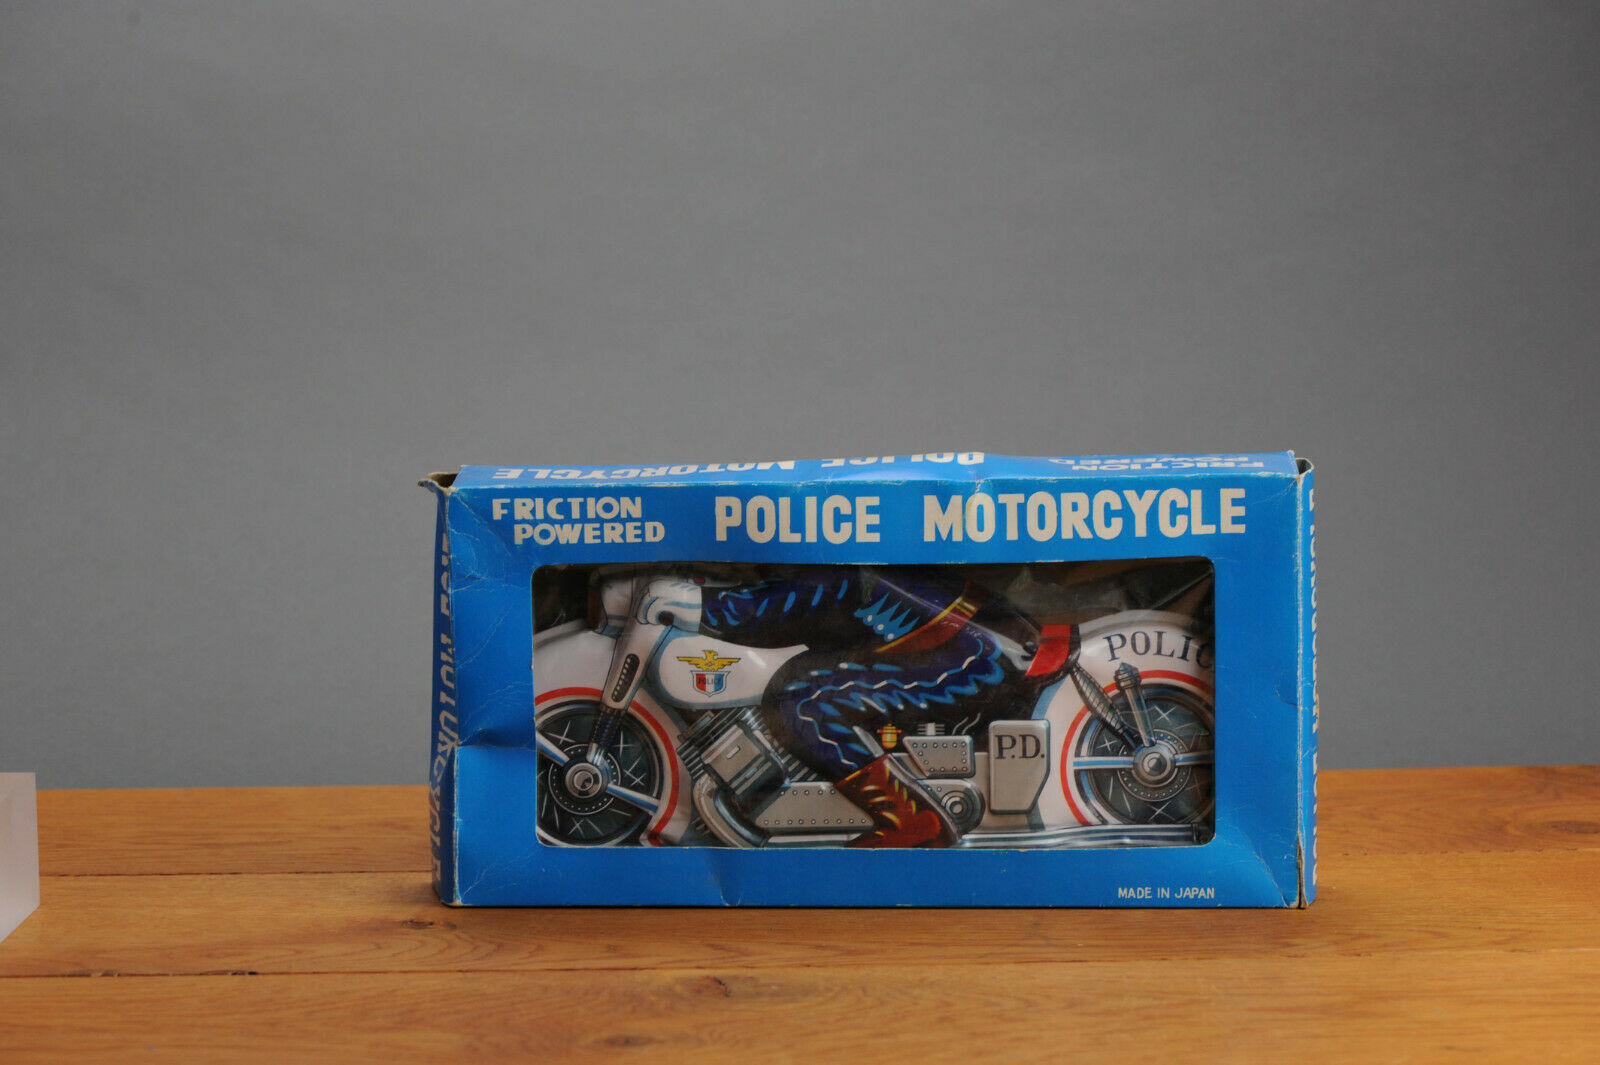 _AntiqueTin leksakSSS Shioji lådaad leksak japan arbetssätt Motorcycle HArley Davidson